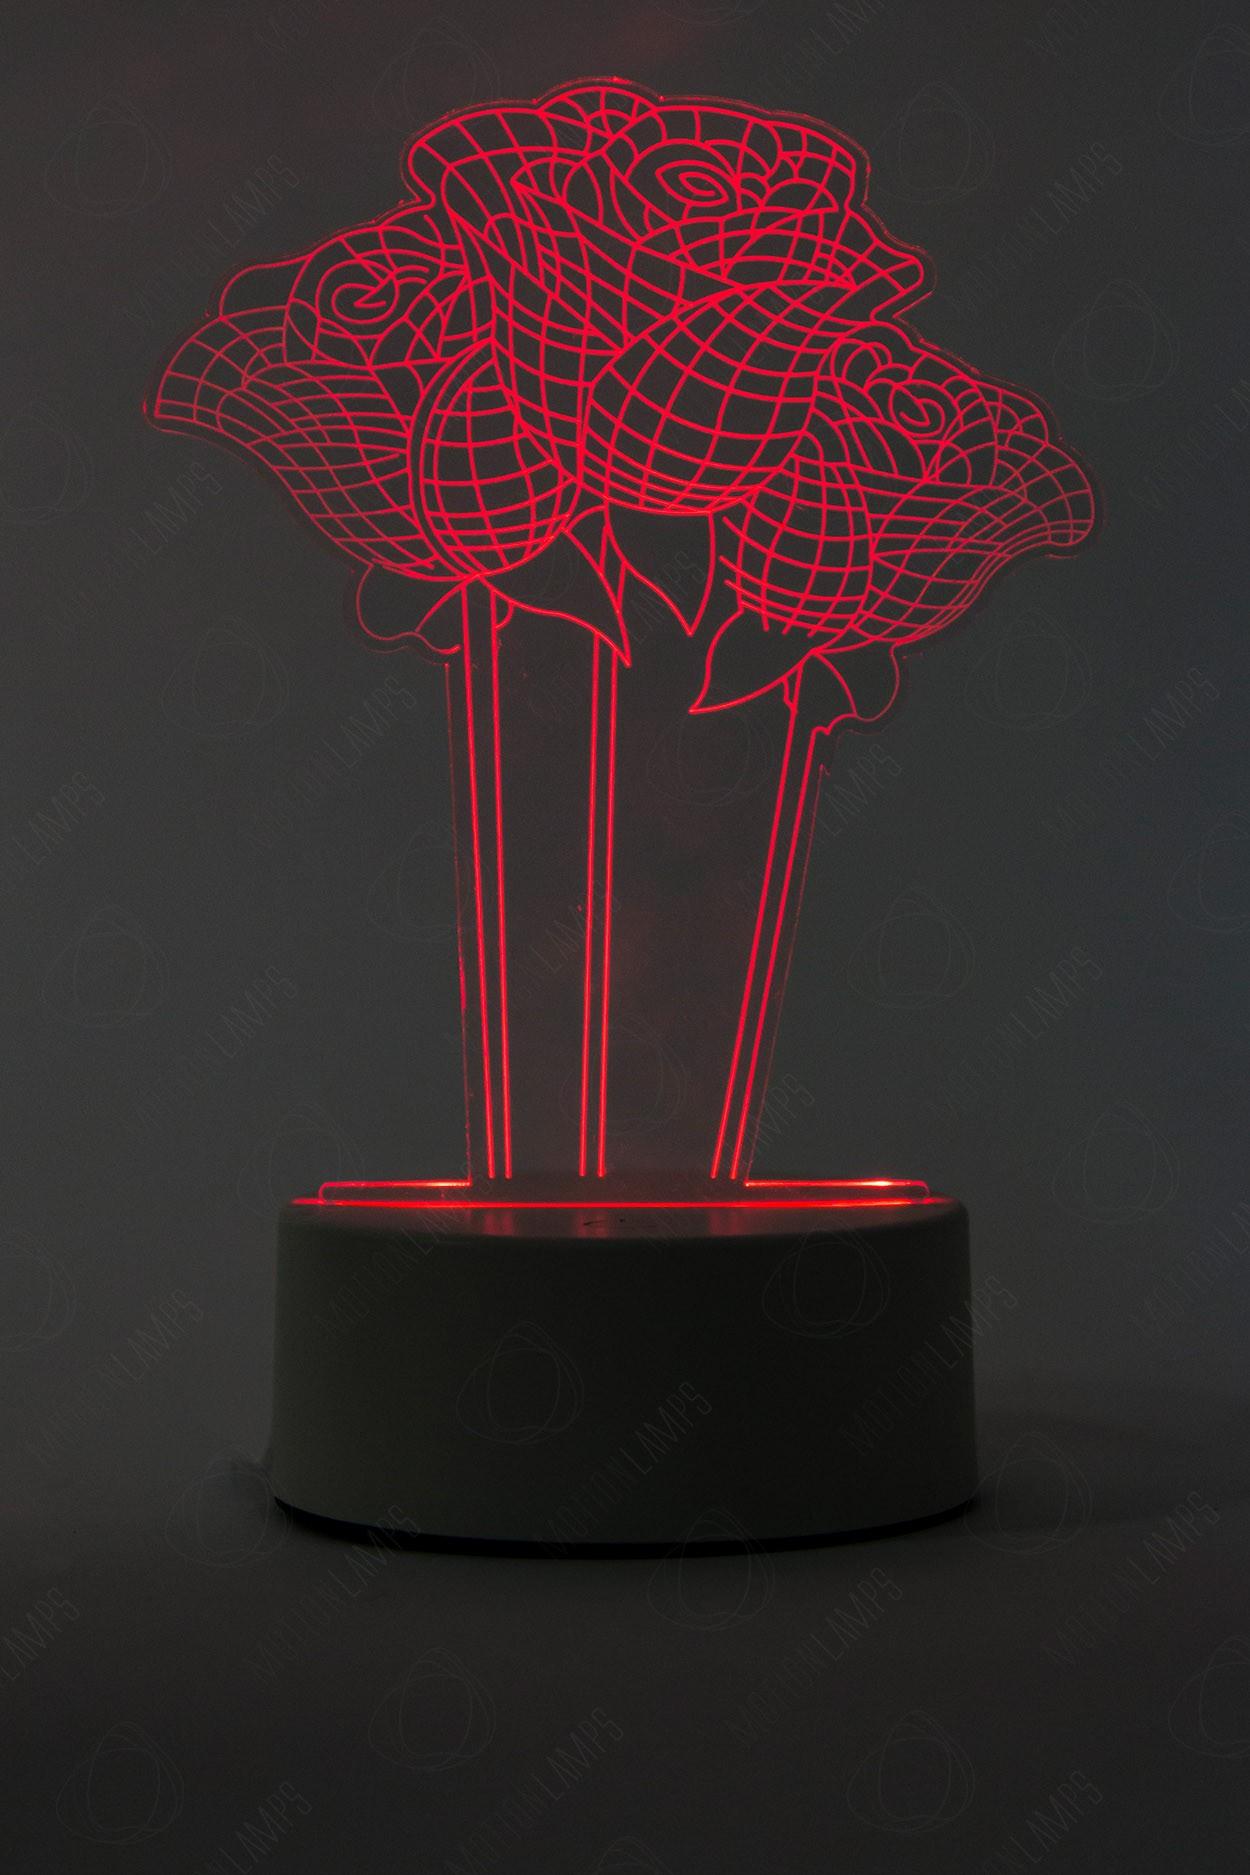 Дополнительная панель для 3D светильника Розы 3 шт